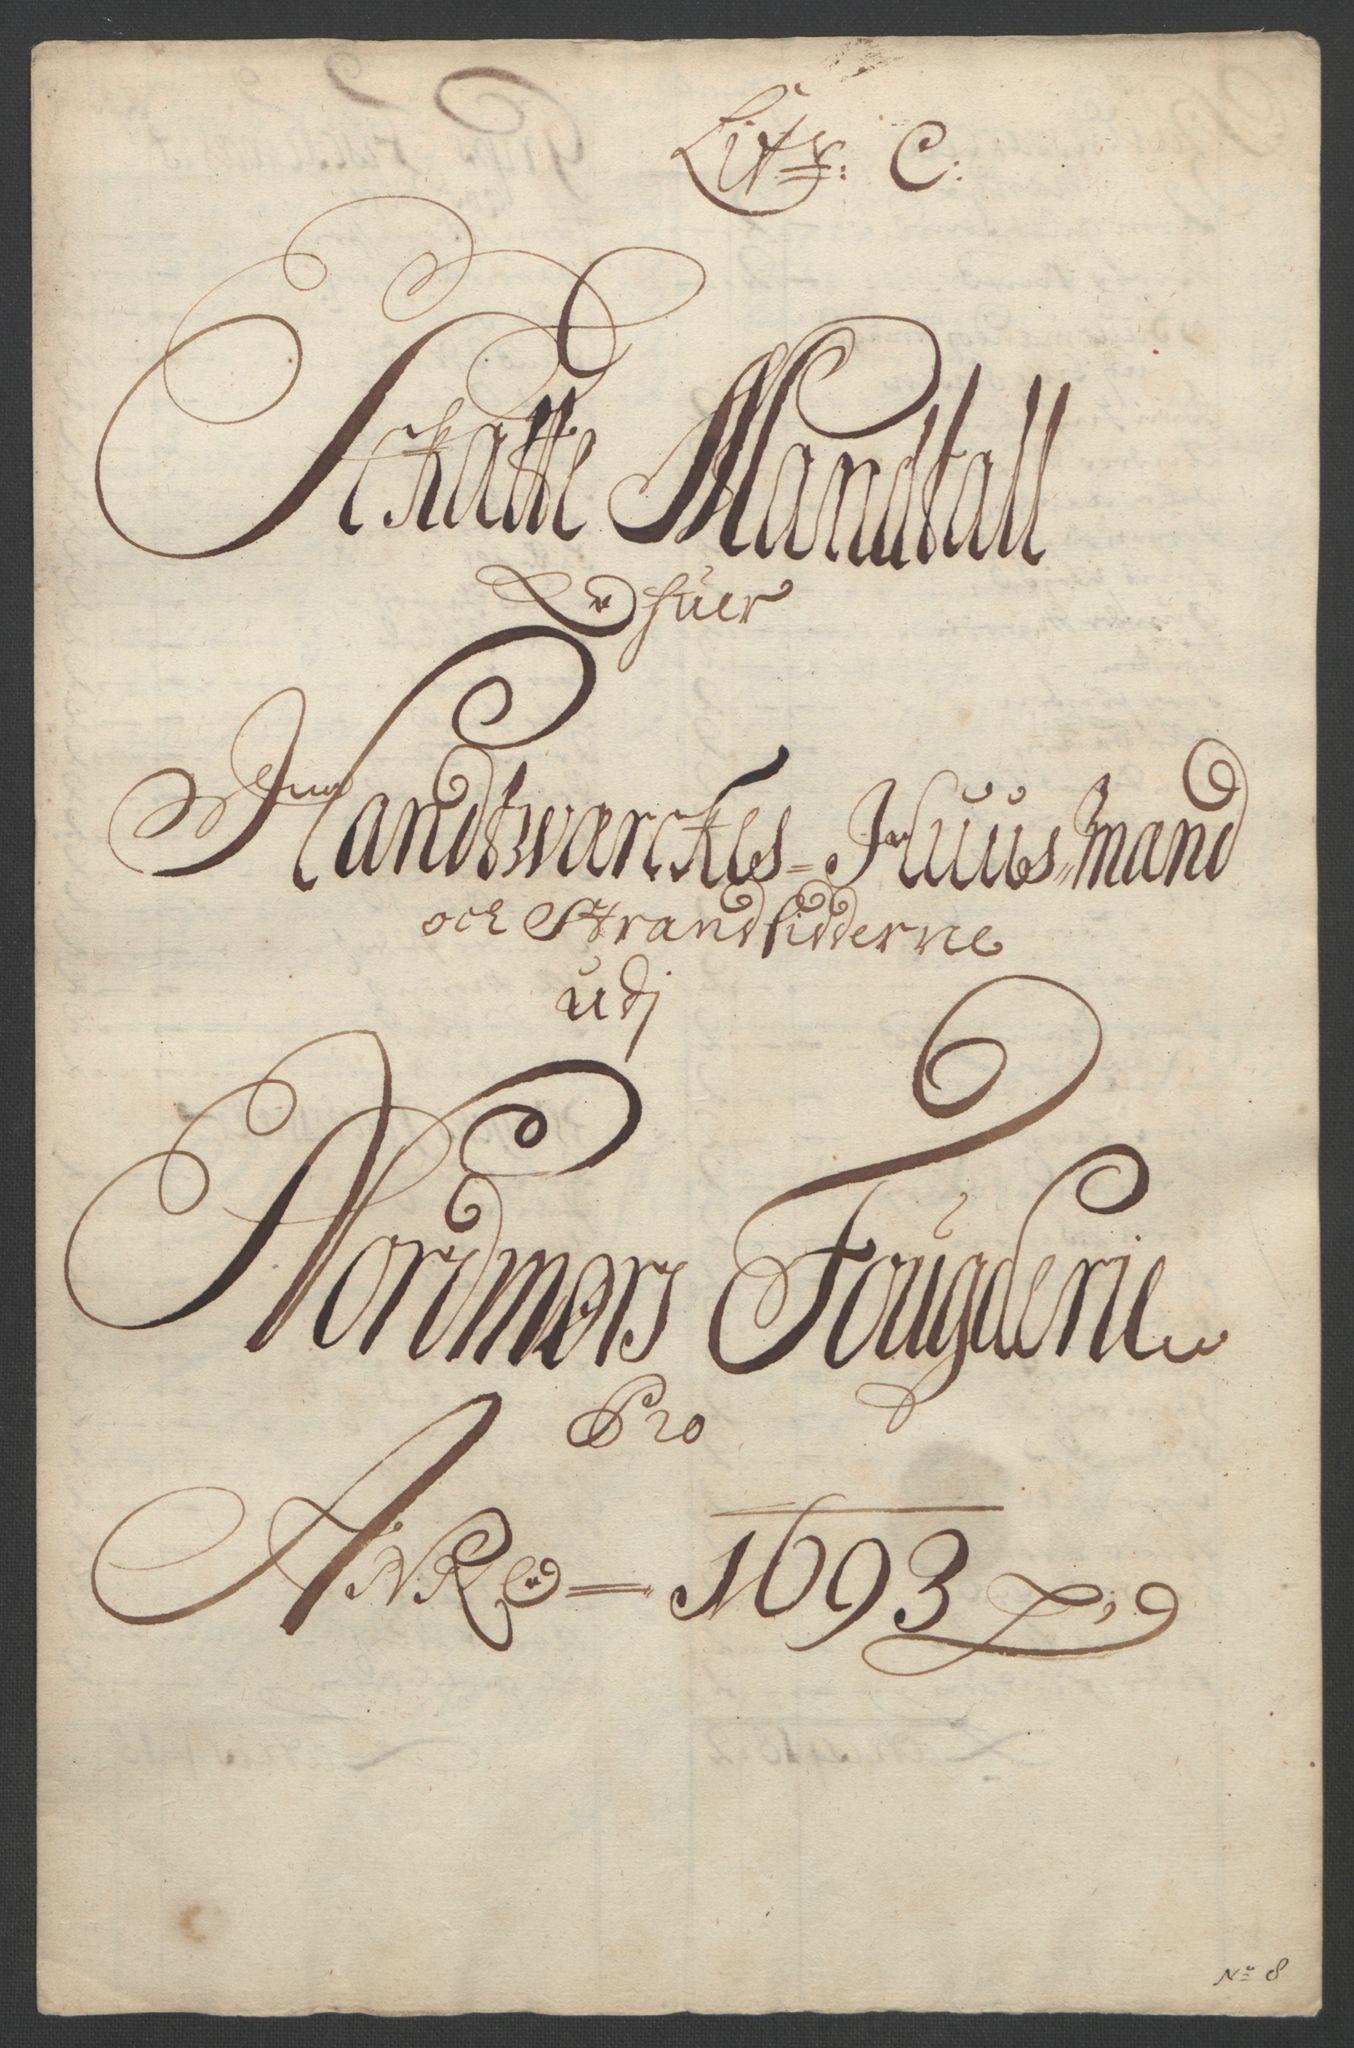 RA, Rentekammeret inntil 1814, Reviderte regnskaper, Fogderegnskap, R56/L3735: Fogderegnskap Nordmøre, 1692-1693, s. 341